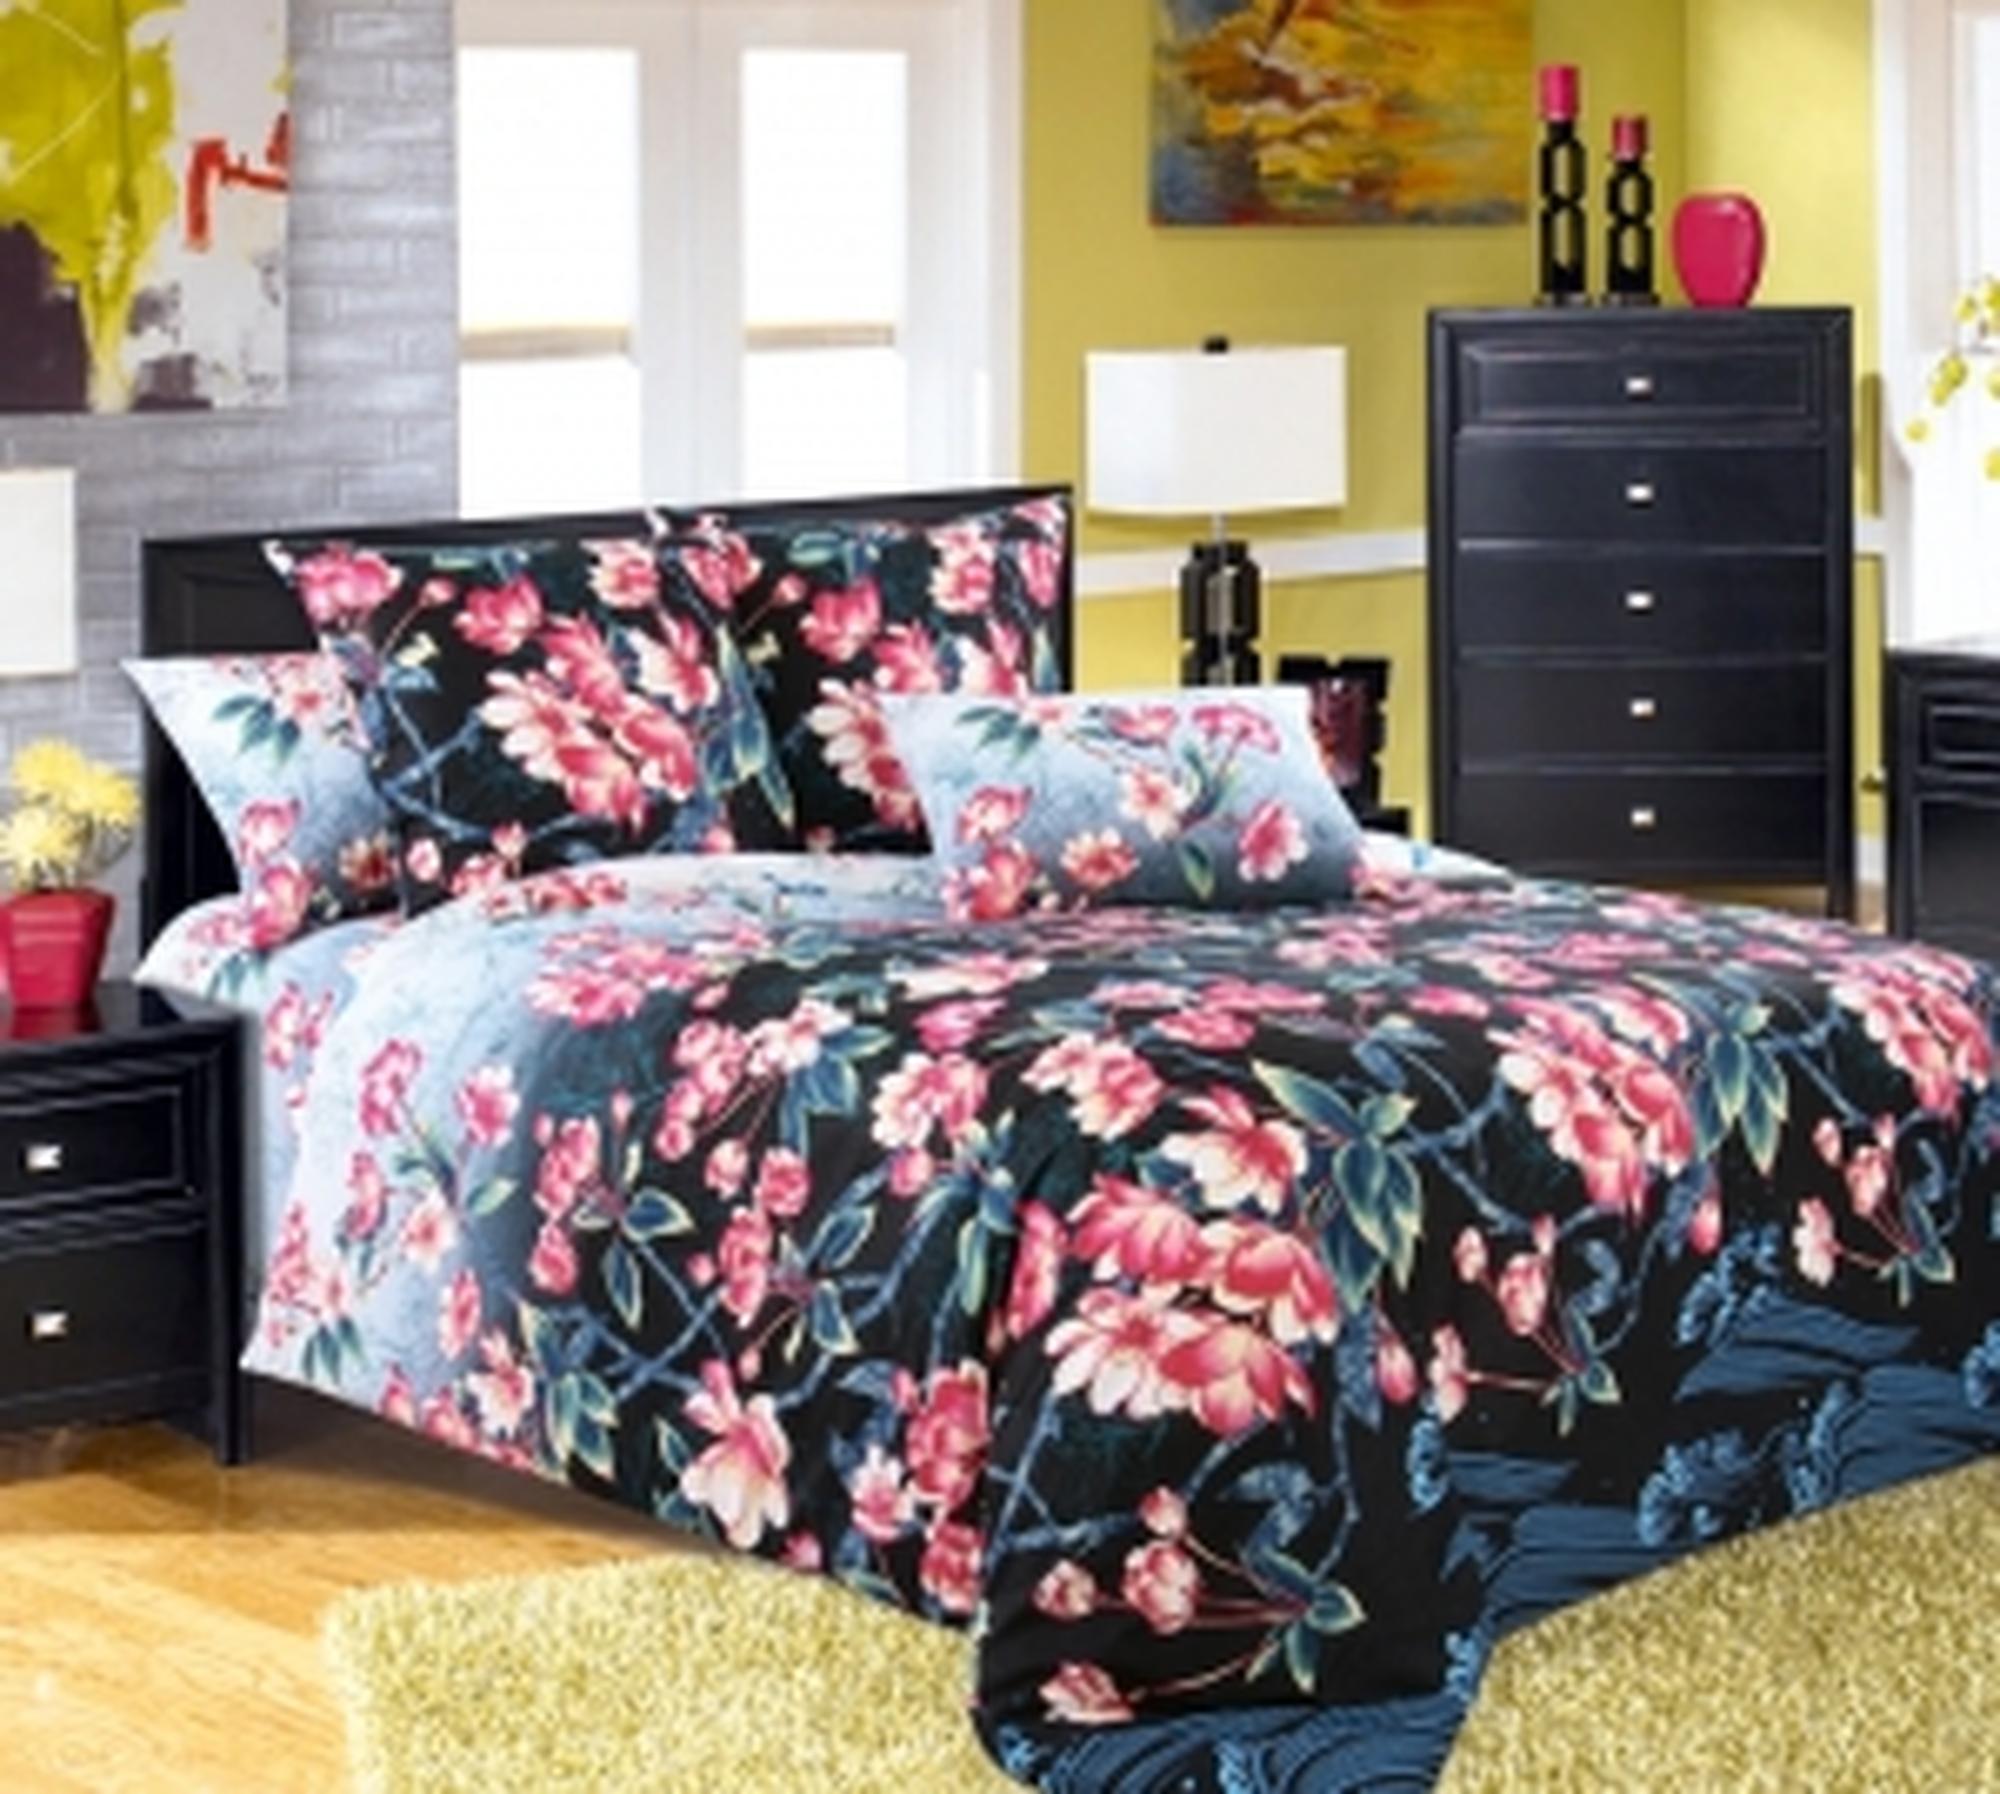 Текс Дизайн Комплект постельного белья «Восточный колорит 1» евро 1, 4 предмета.